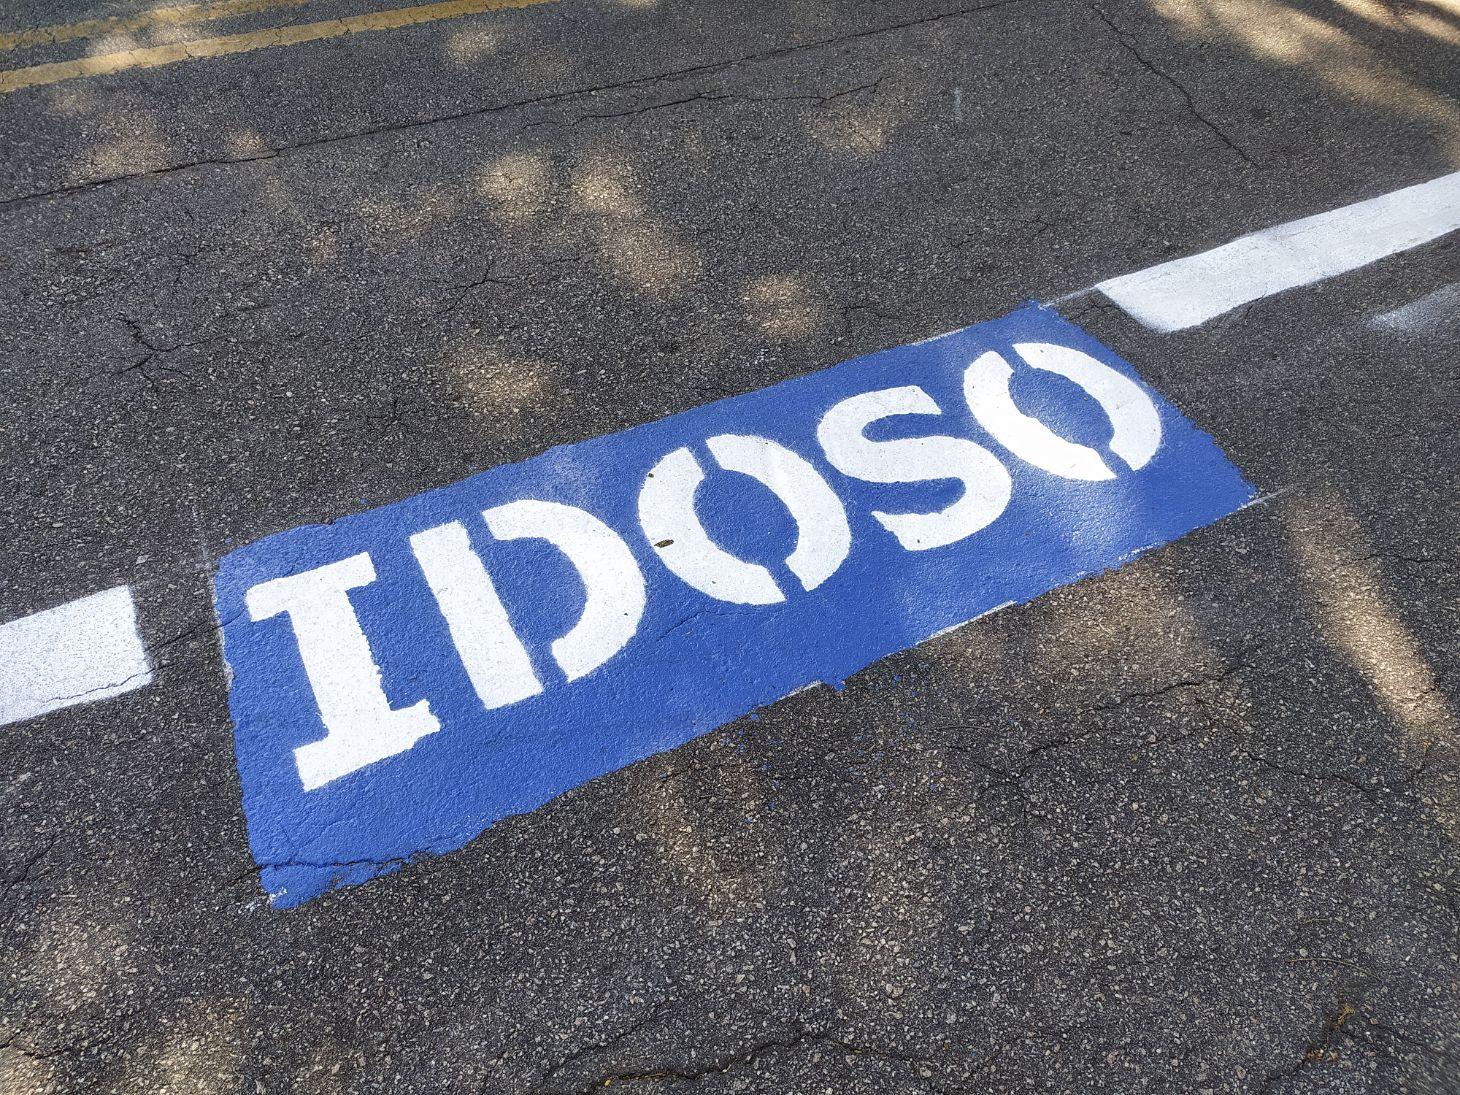 vaga de estacionamento marcada com a palavra idoso indicando exclusividade